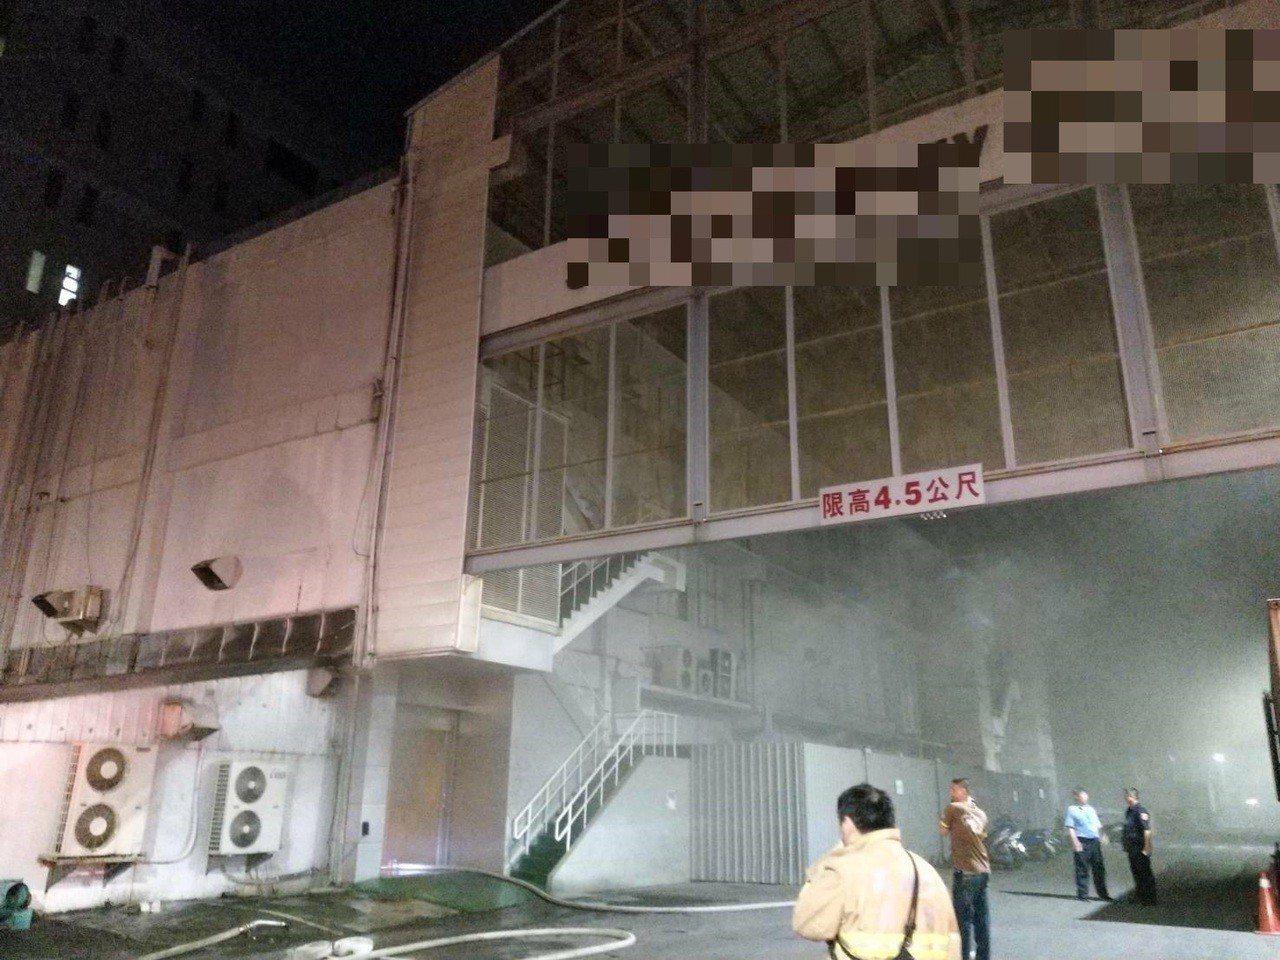 高雄市前鎮區西十七街某科技公司今晚11時16分傳冒出大量黑煙,警消獲報後出動16...